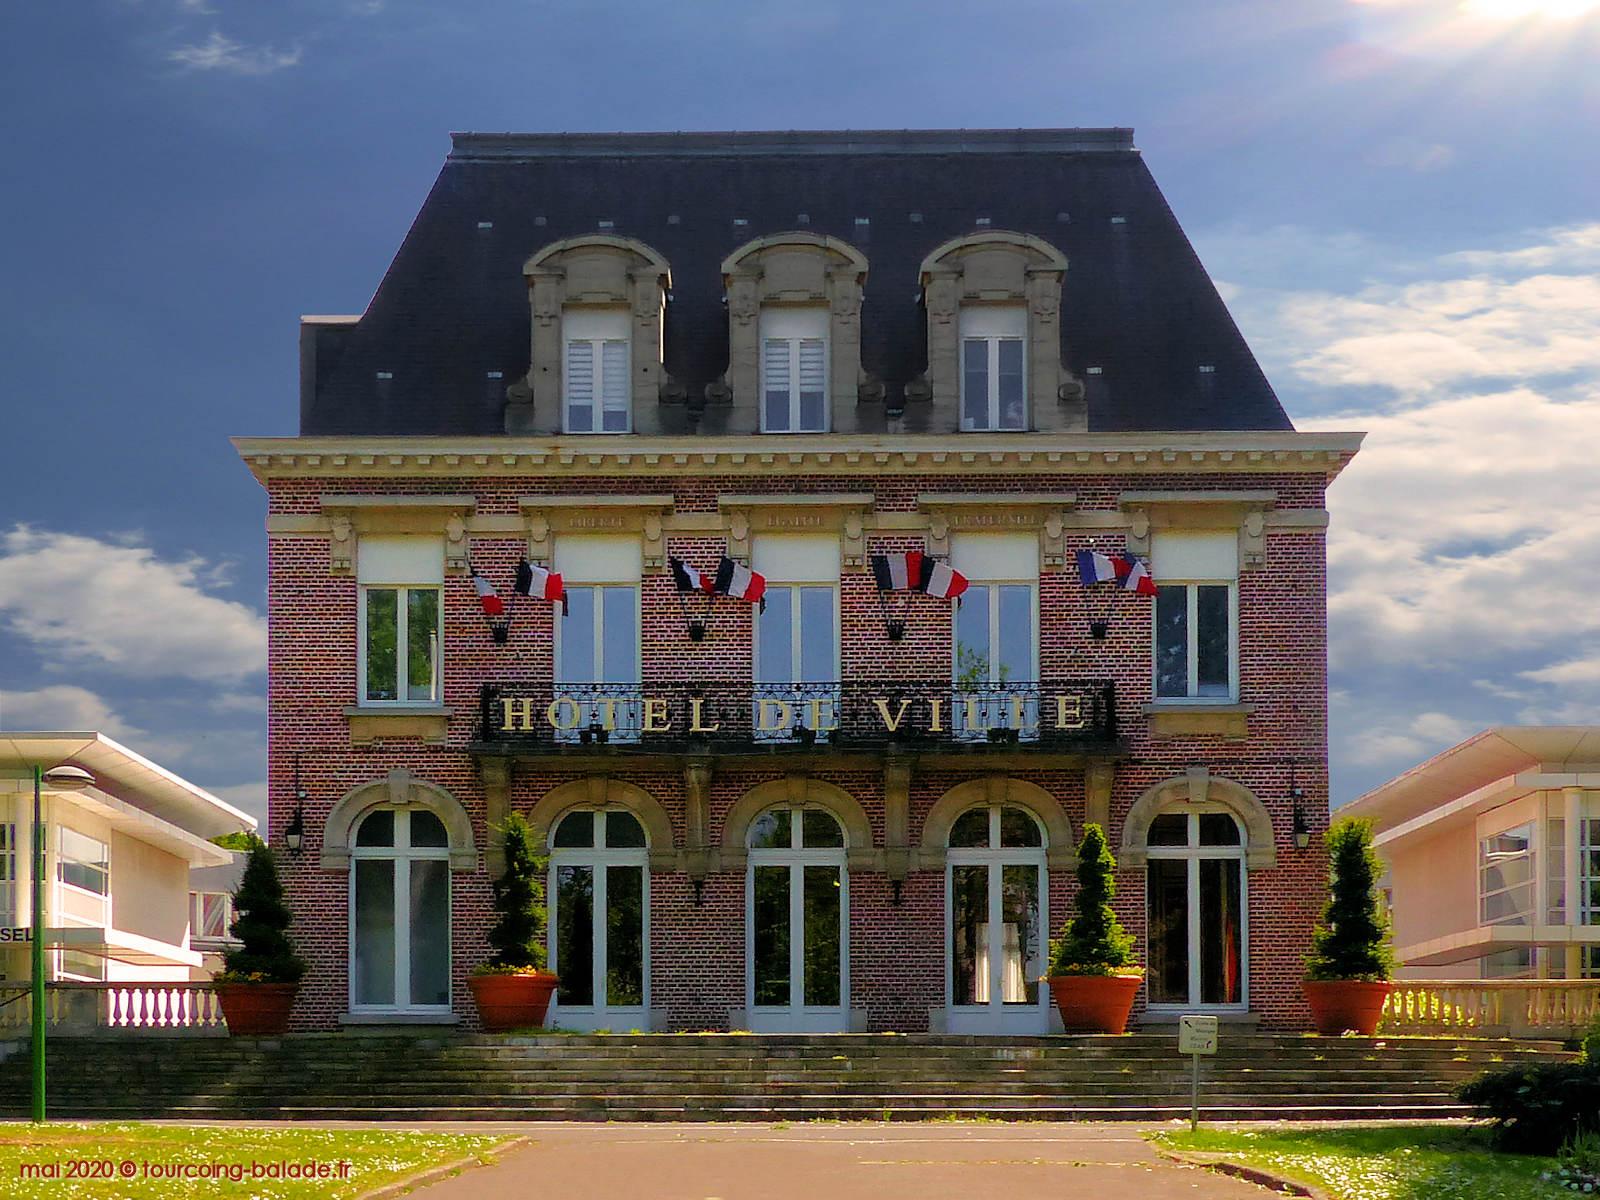 Hôtel de Ville de Mouvaux, 2020